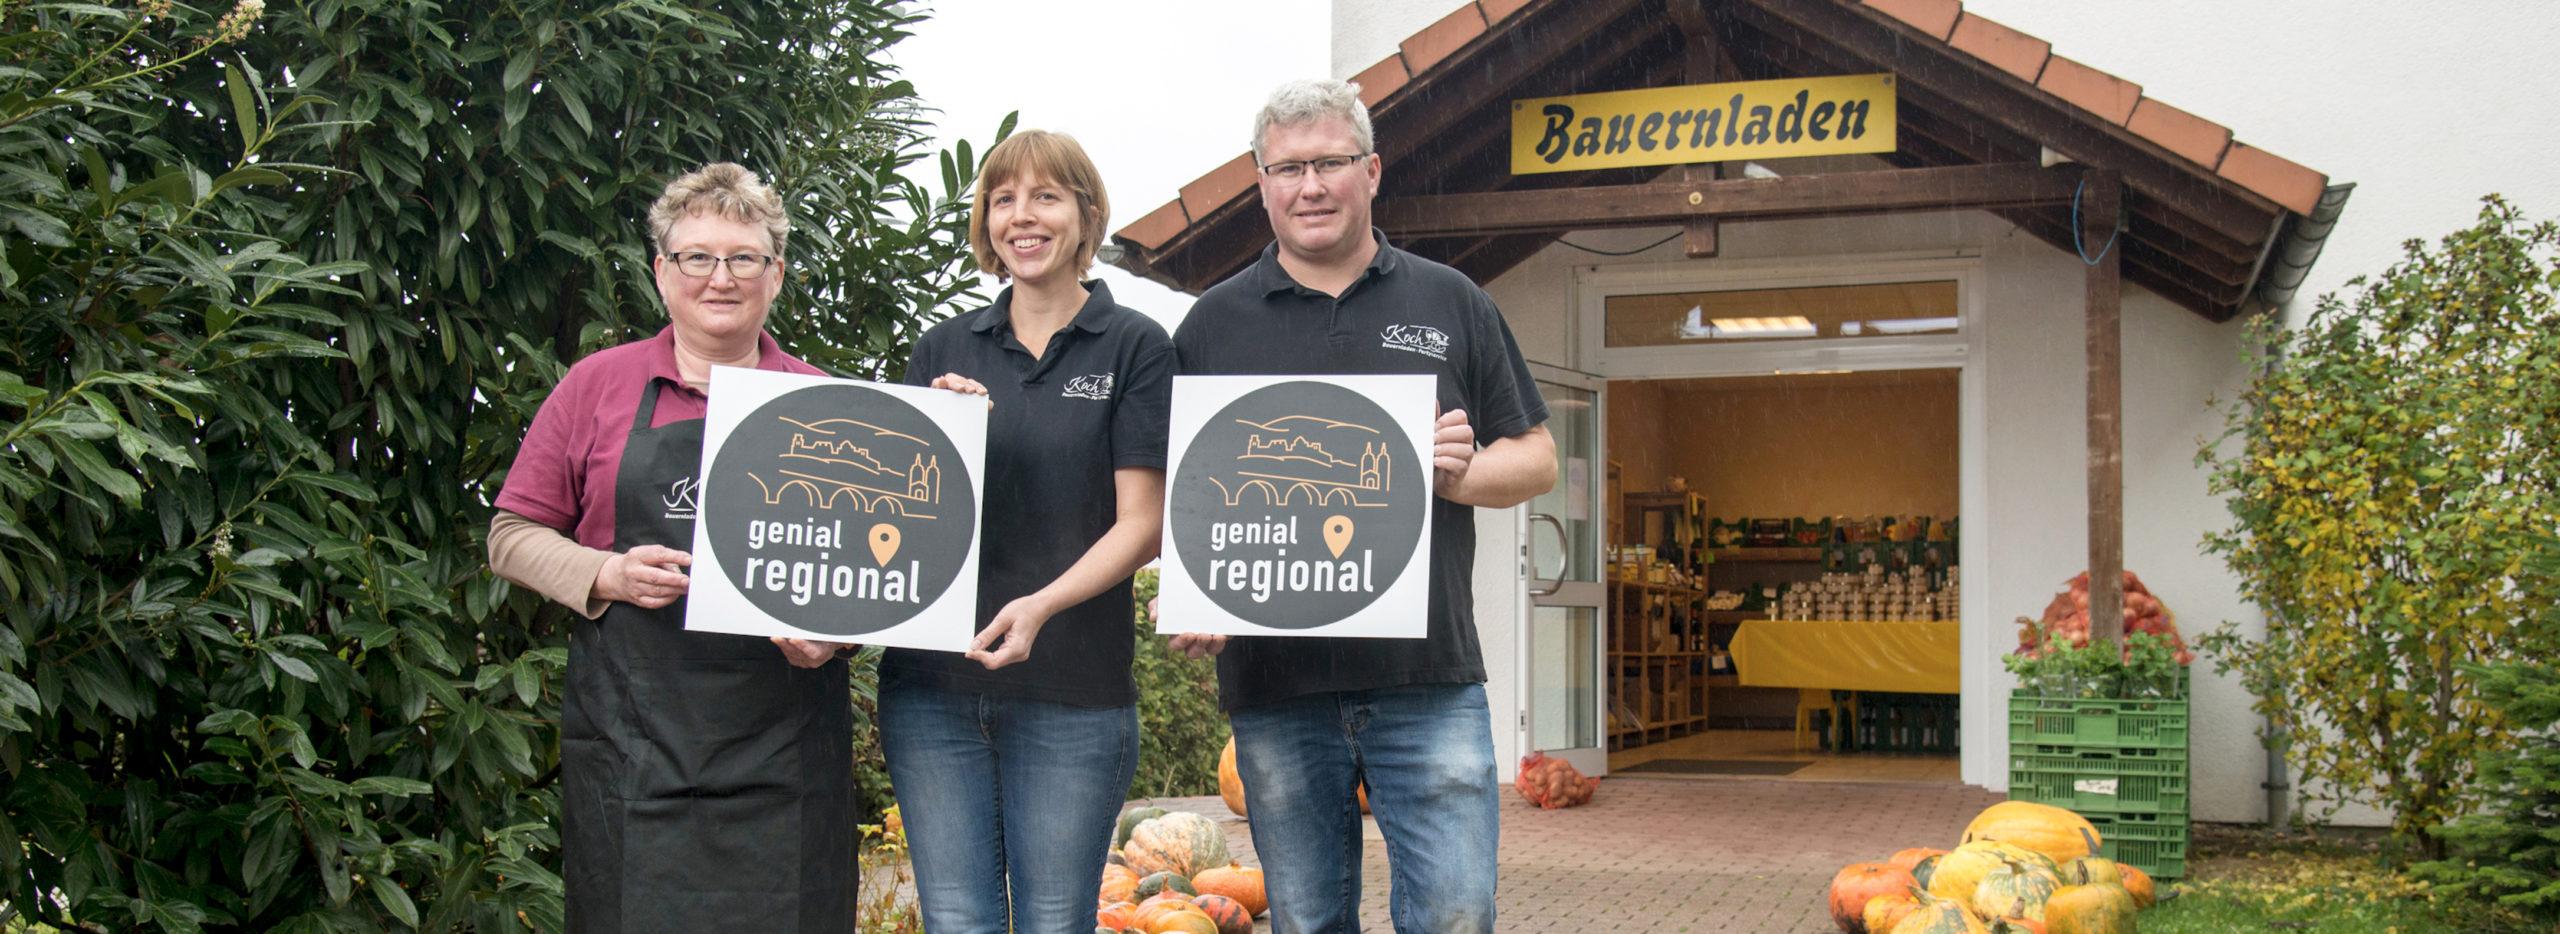 Familie Koch steht mit Genial regional Label vor ihrem Bauernladen